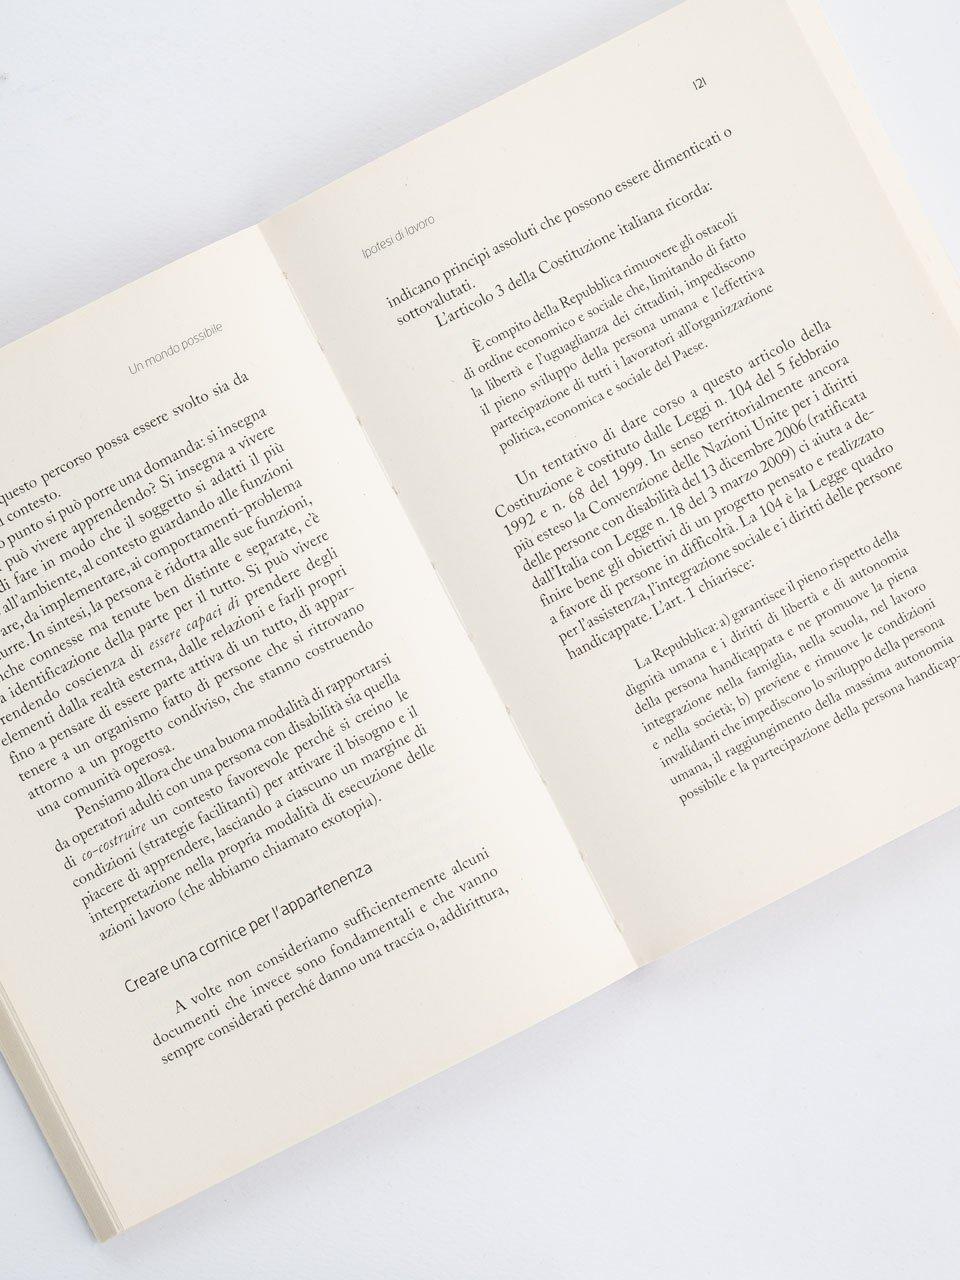 Un mondo possibile - Libri - Erickson 2